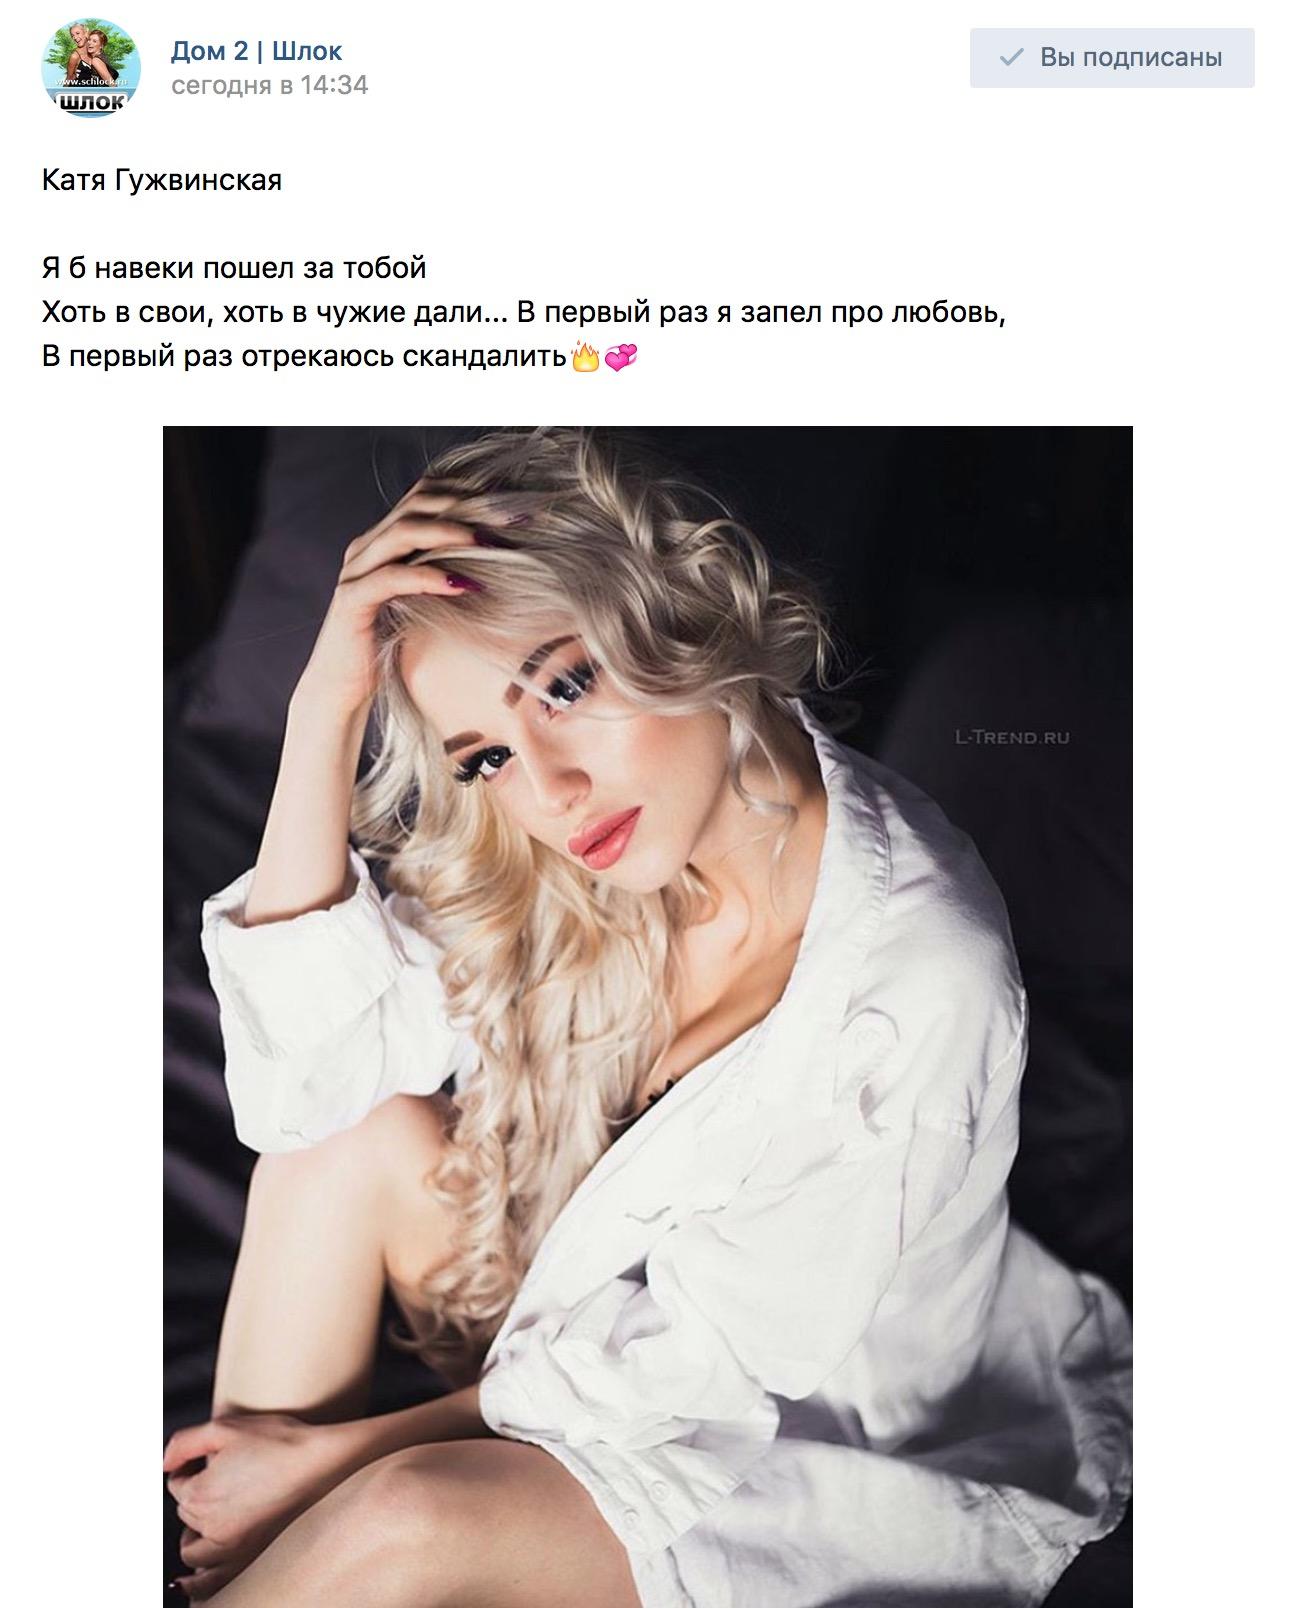 Катя Гужвинская в печали